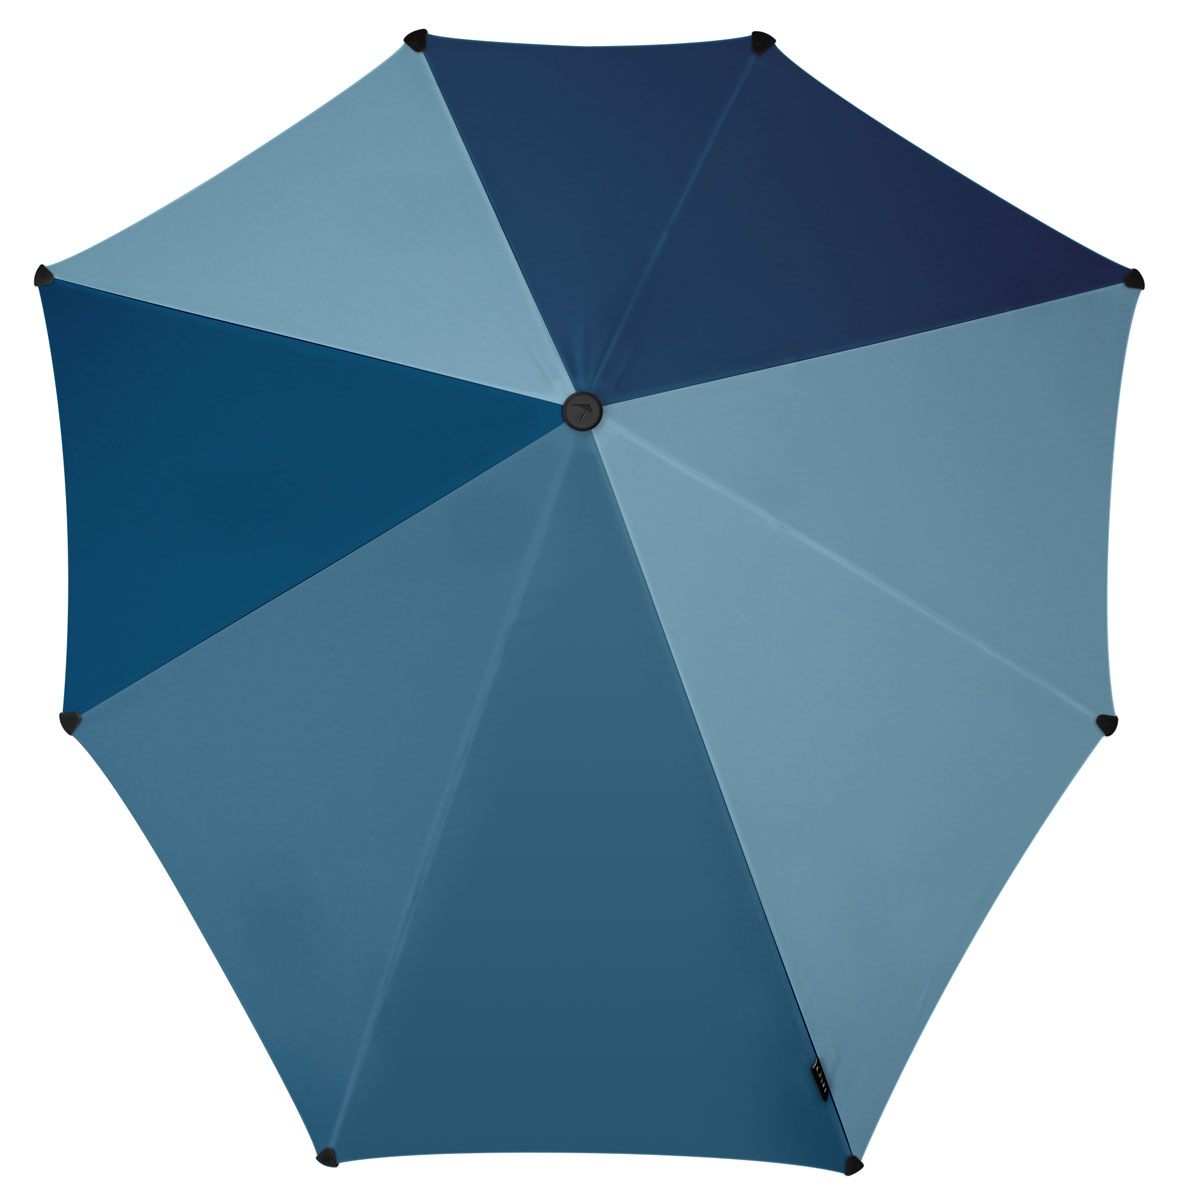 Зонт-трость Senz, цвет: темно-синий. 2011082YY-11678-3Инновационный противоштормовый зонт, выдерживающий любую непогоду. Входит в коллекцию global playground, разработанную в соответствии с современными течениями fashion-индустрии. Вдохновением для дизайнеров стали улицы городов по всему земному шару. На новых принтах вы встретите уникальный микс всего, что мы открываем для себя во время путешествий: разнообразие оттенков, цветов, теней, линий и форм. Зонт Senz отлично дополнит образ, подчеркнет индивидуальность и вкус своего обладателя.Форма купола продумана так, что вы легко найдете самое удобное положение на ветру – без паники и без борьбы со стихией. Закрывает спину от дождя. Благодаря своей усовершенствованной конструкции, зонт не выворачивается наизнанку даже при сильном ветре. Модель Senz Original выдержала испытания в аэротрубе со скоростью ветра 100 км/ч. Характеристики:- тип — трость- выдерживает порывы ветра до 100 км/ч- УФ-защита 50+- удобная мягкая ручка- безопасные колпачки на кончиках спицах- в комплекте прочный чехол из плотной ткани с лямкой на плечо - гарантия 2 года